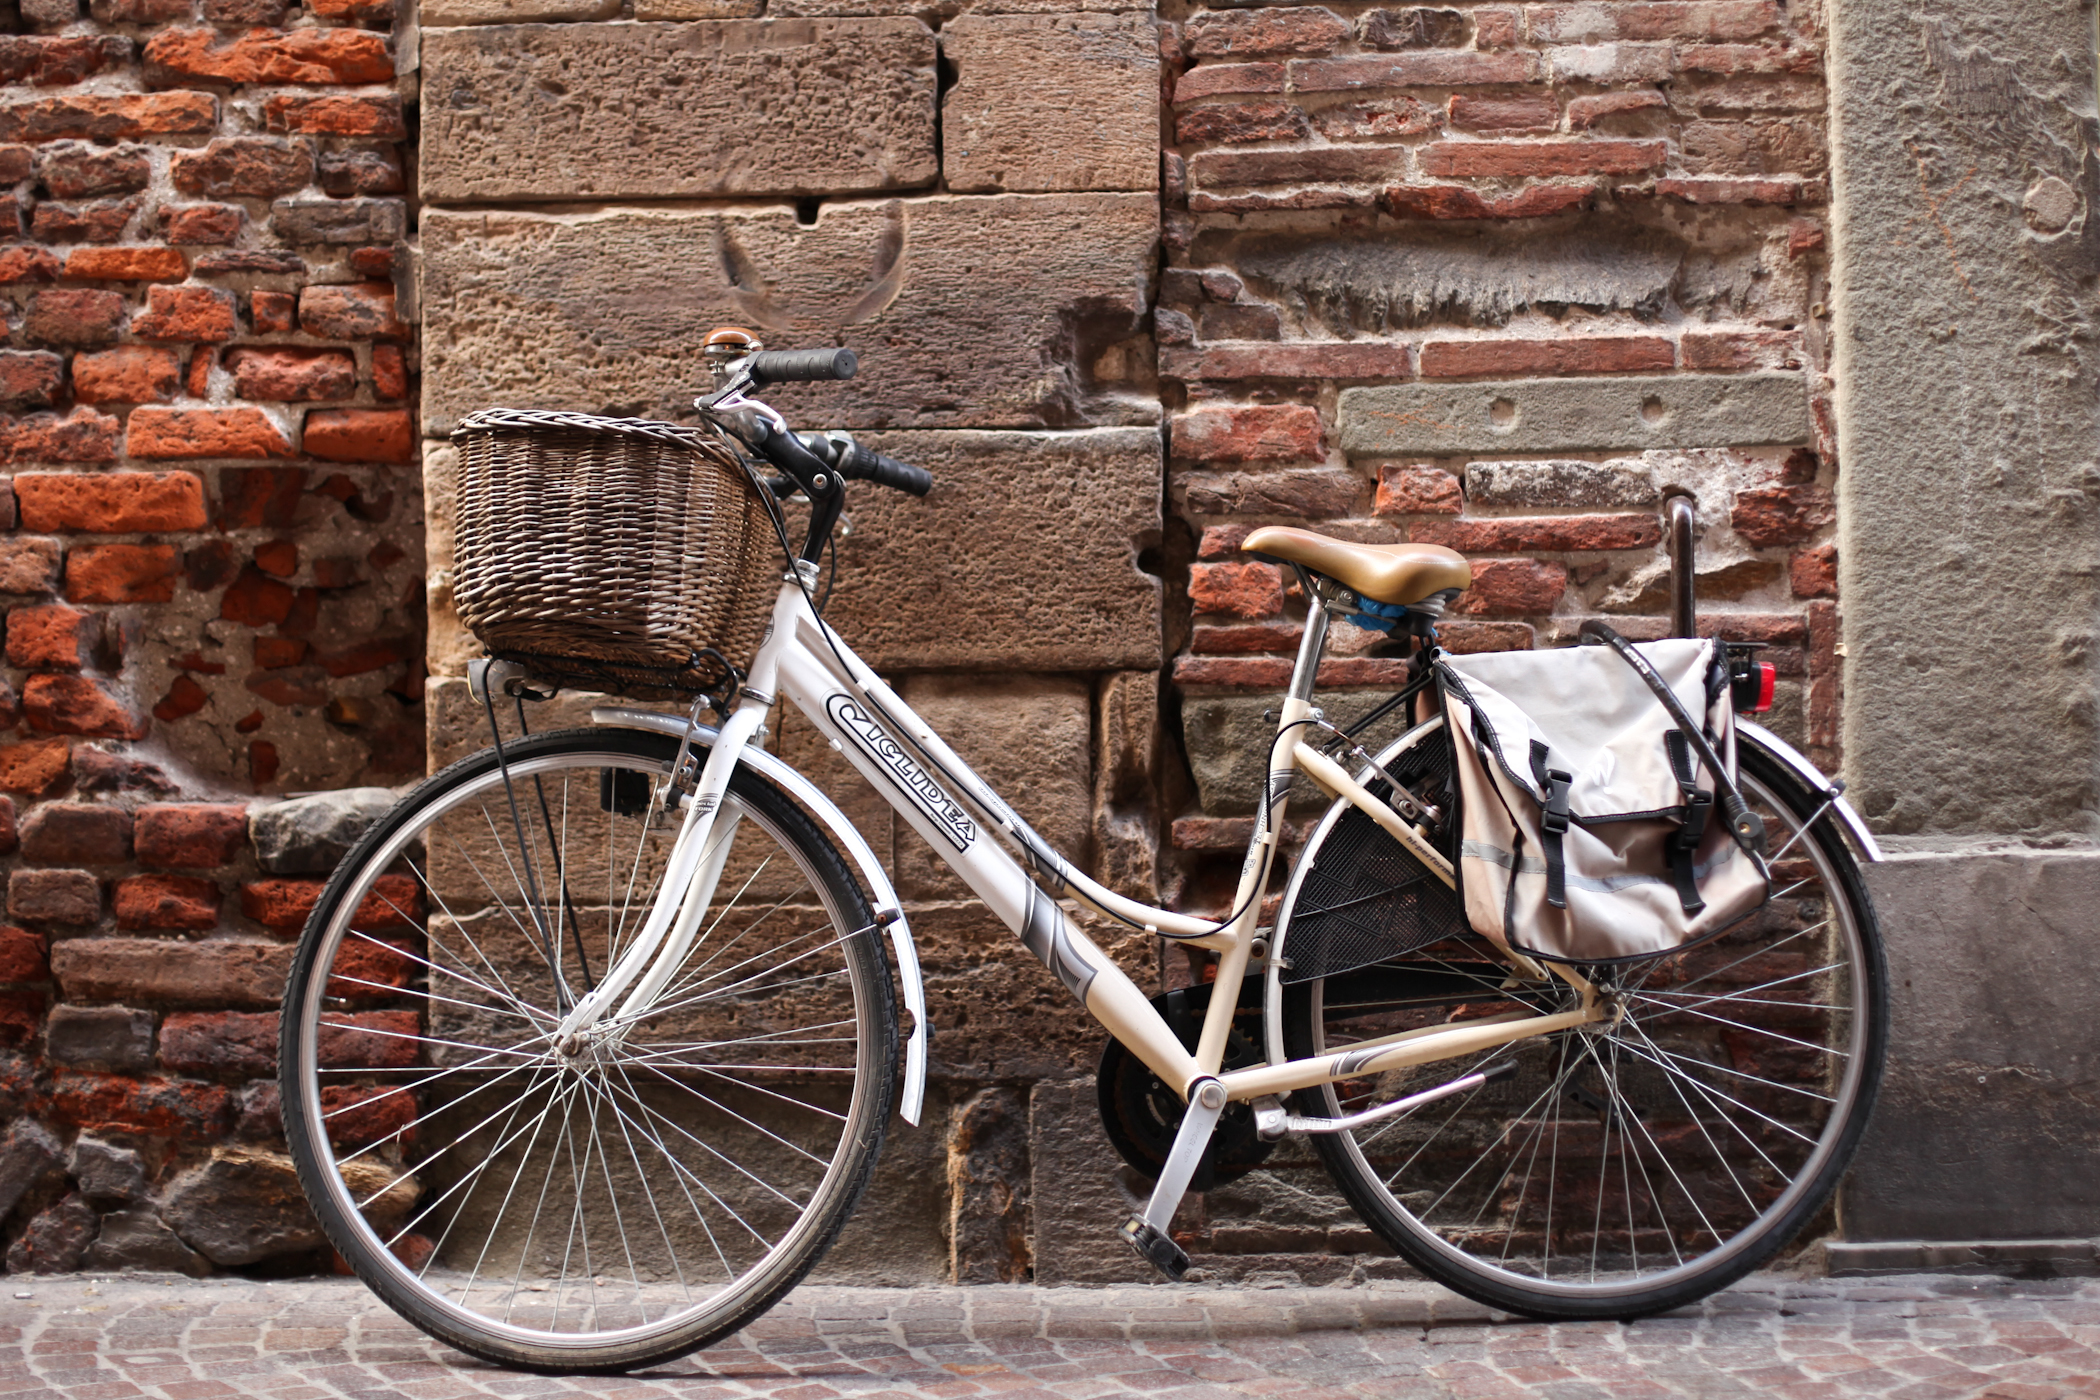 palermo bicicletti di firenze jan15-33.jpg